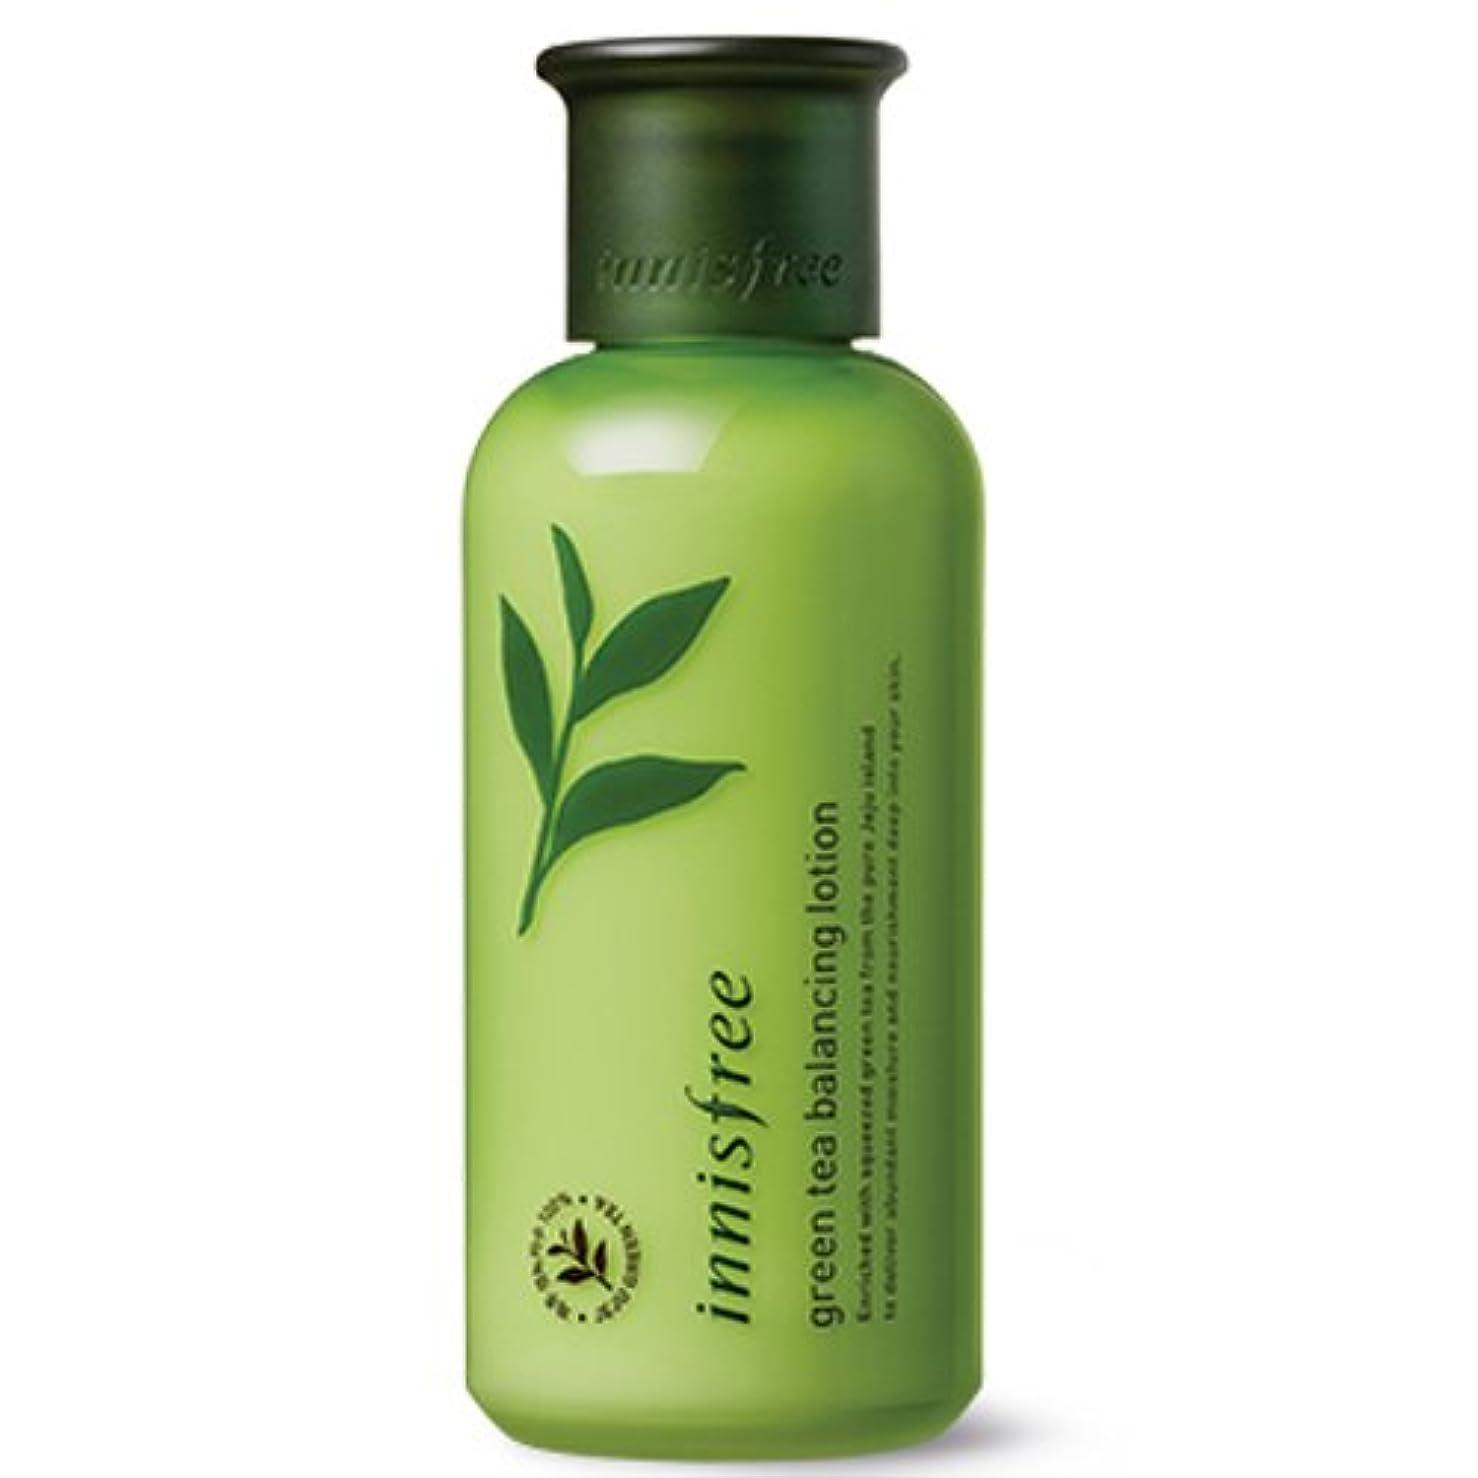 夕方それために[INNISFREE]イニスフリーグリーンティーバランシング ローション160ml innisfree green tea balancing lotion 160ml